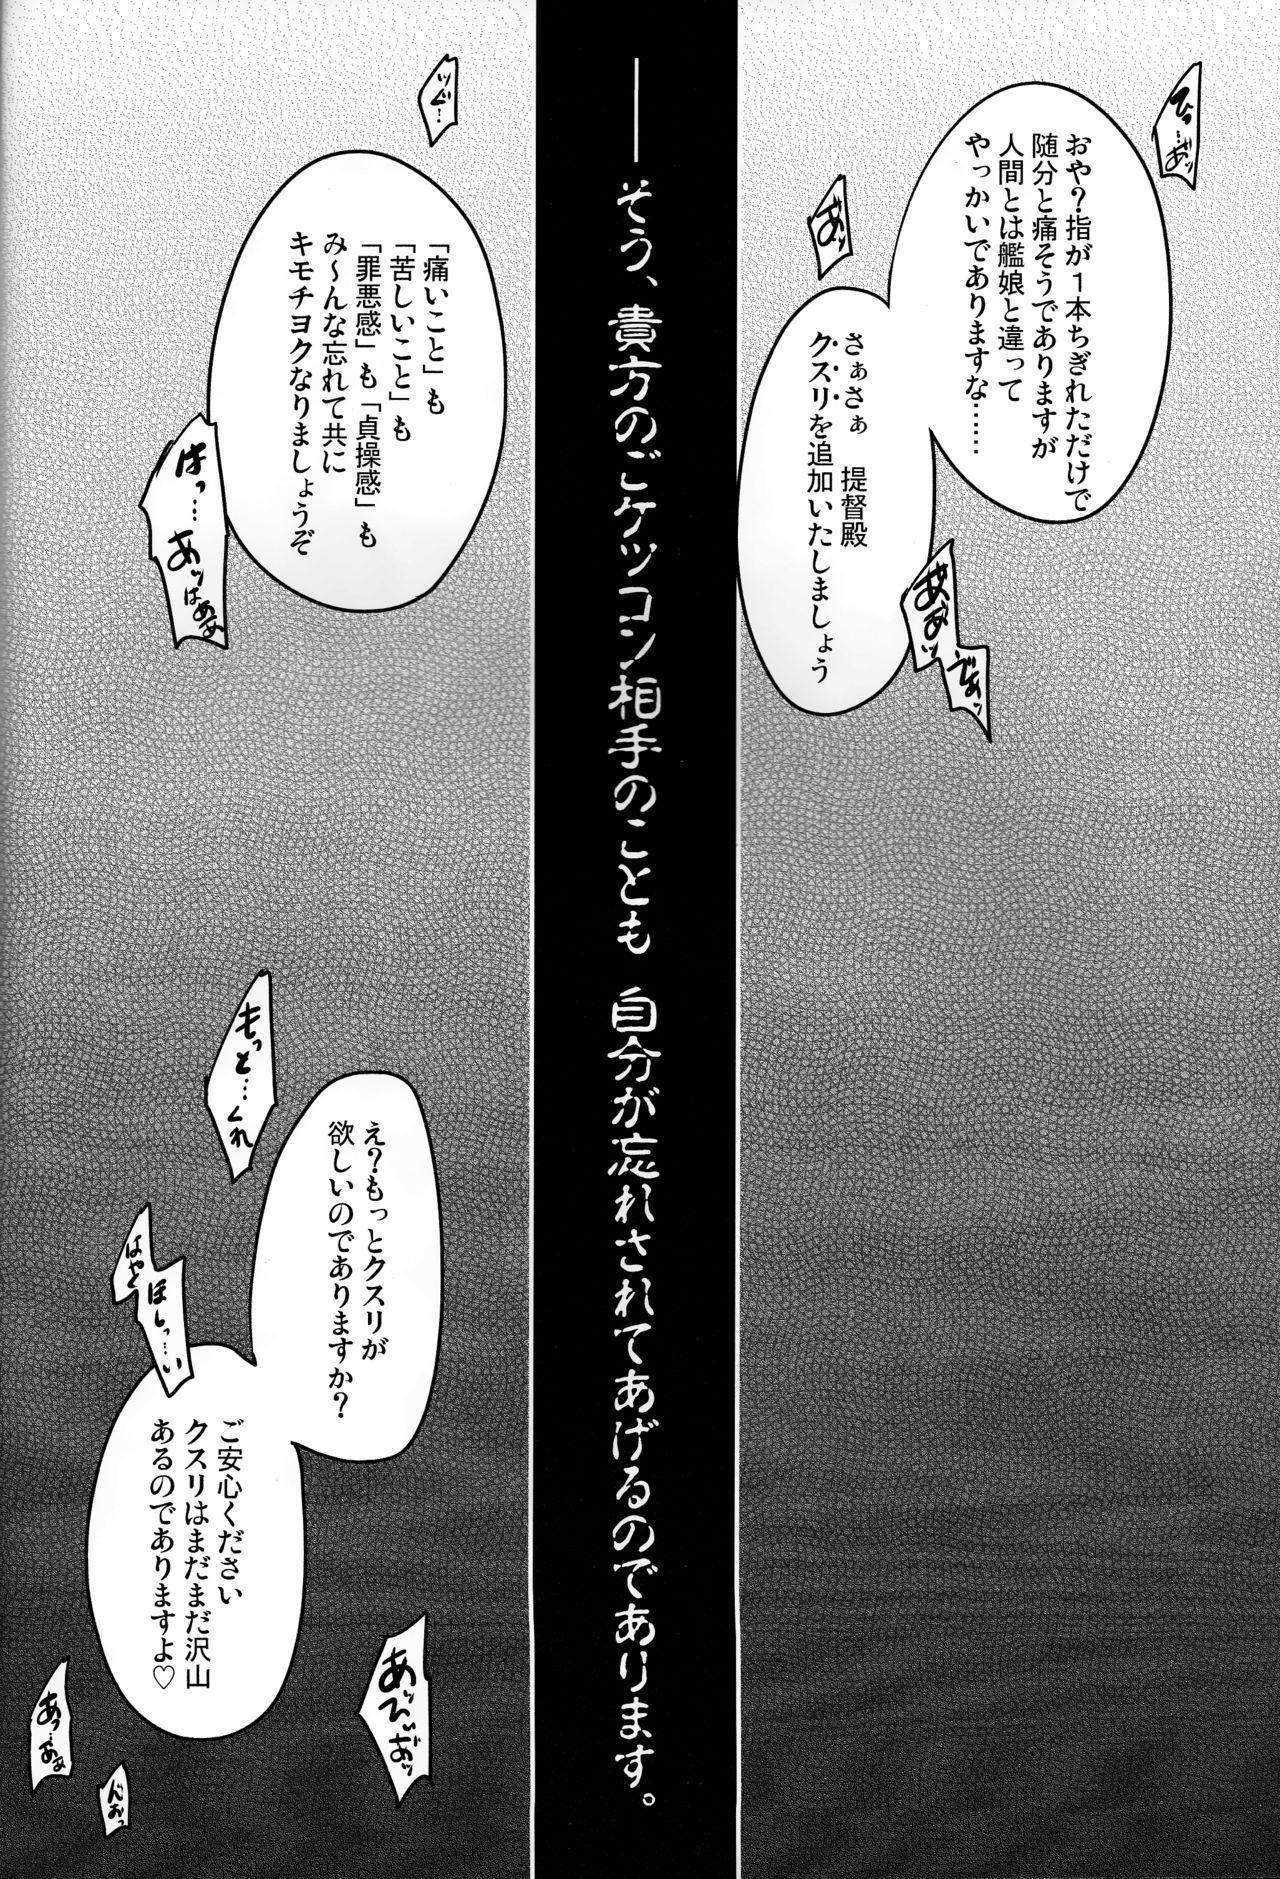 Kinzoku no wa 22